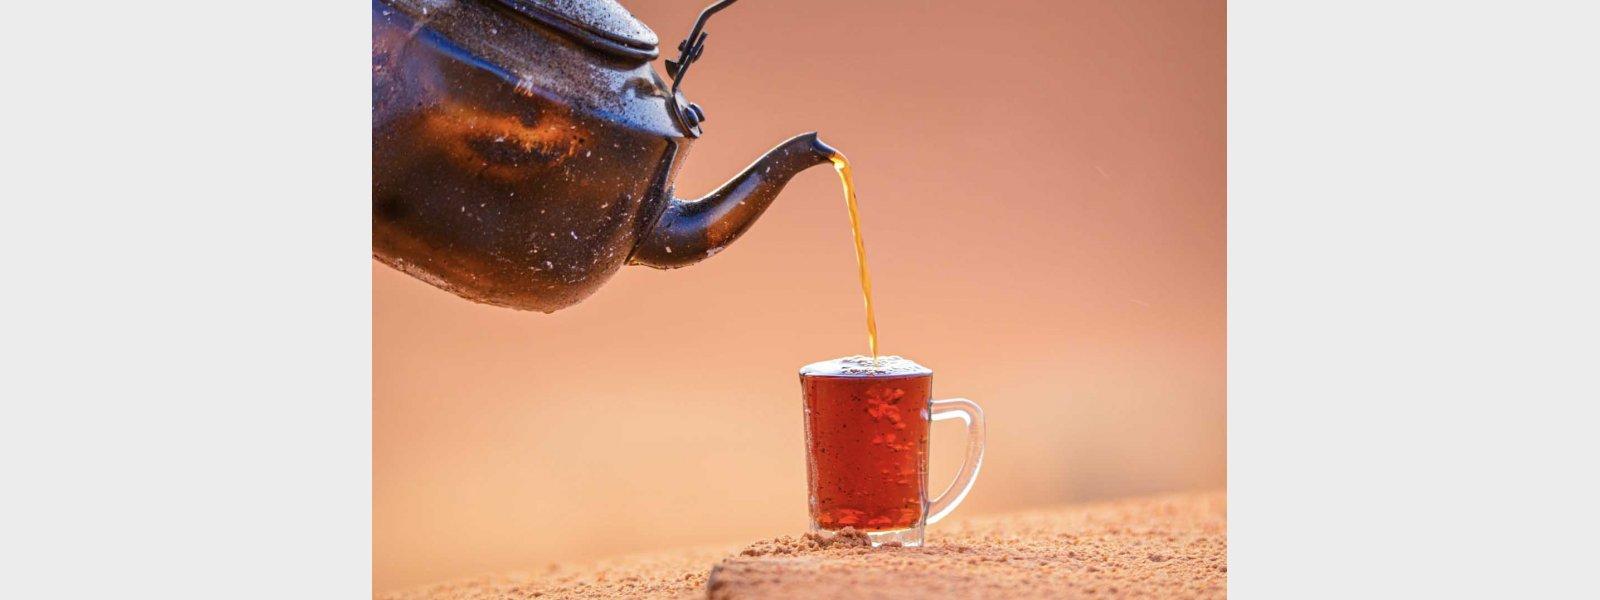 Sådan laver du den perfekte kop te